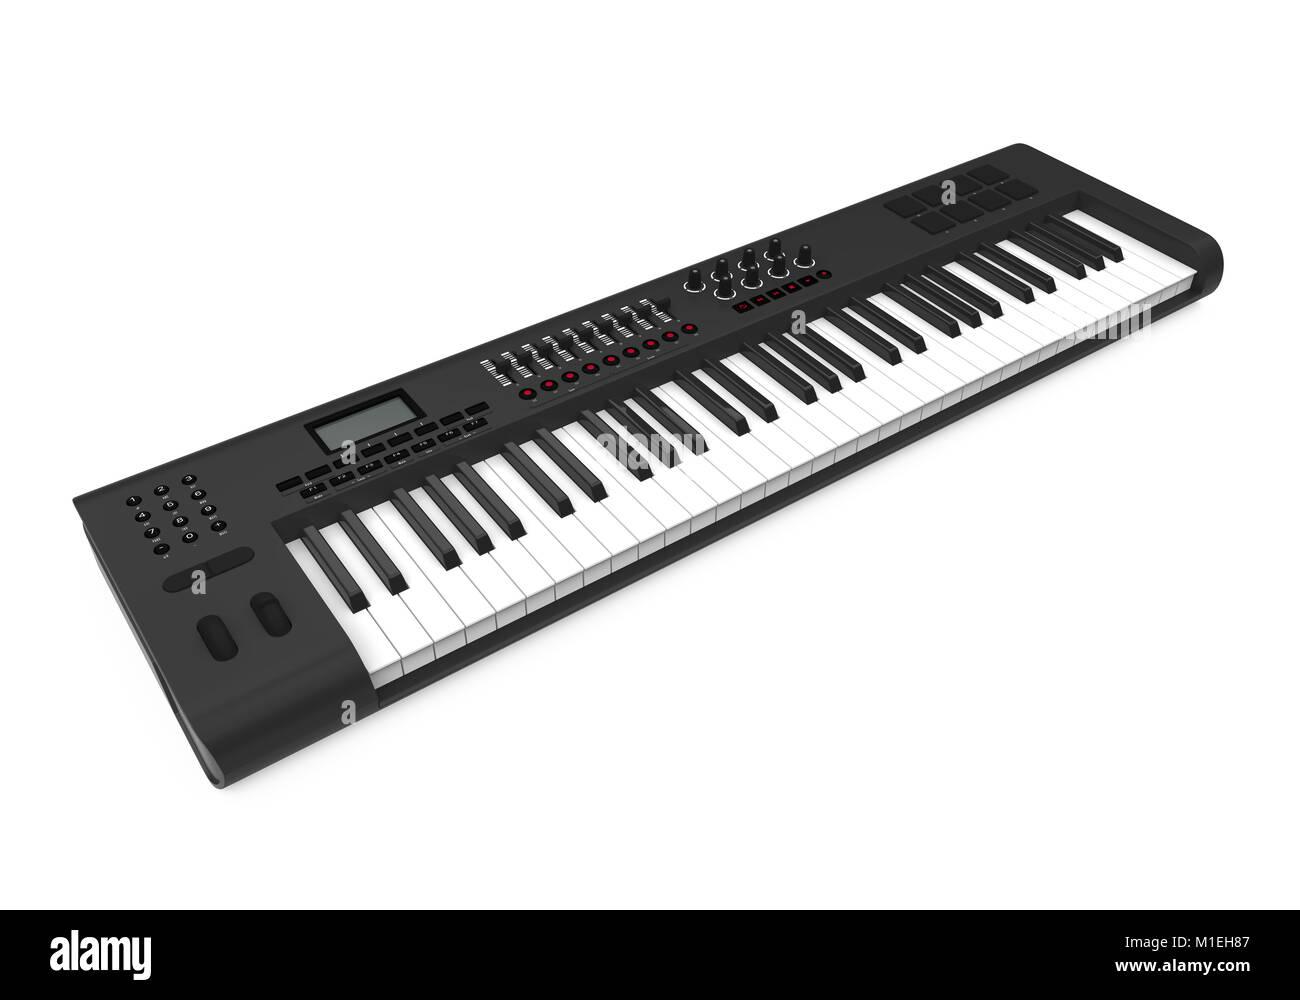 Electronic Synthesizer Piano Keyboard Isolated - Stock Image